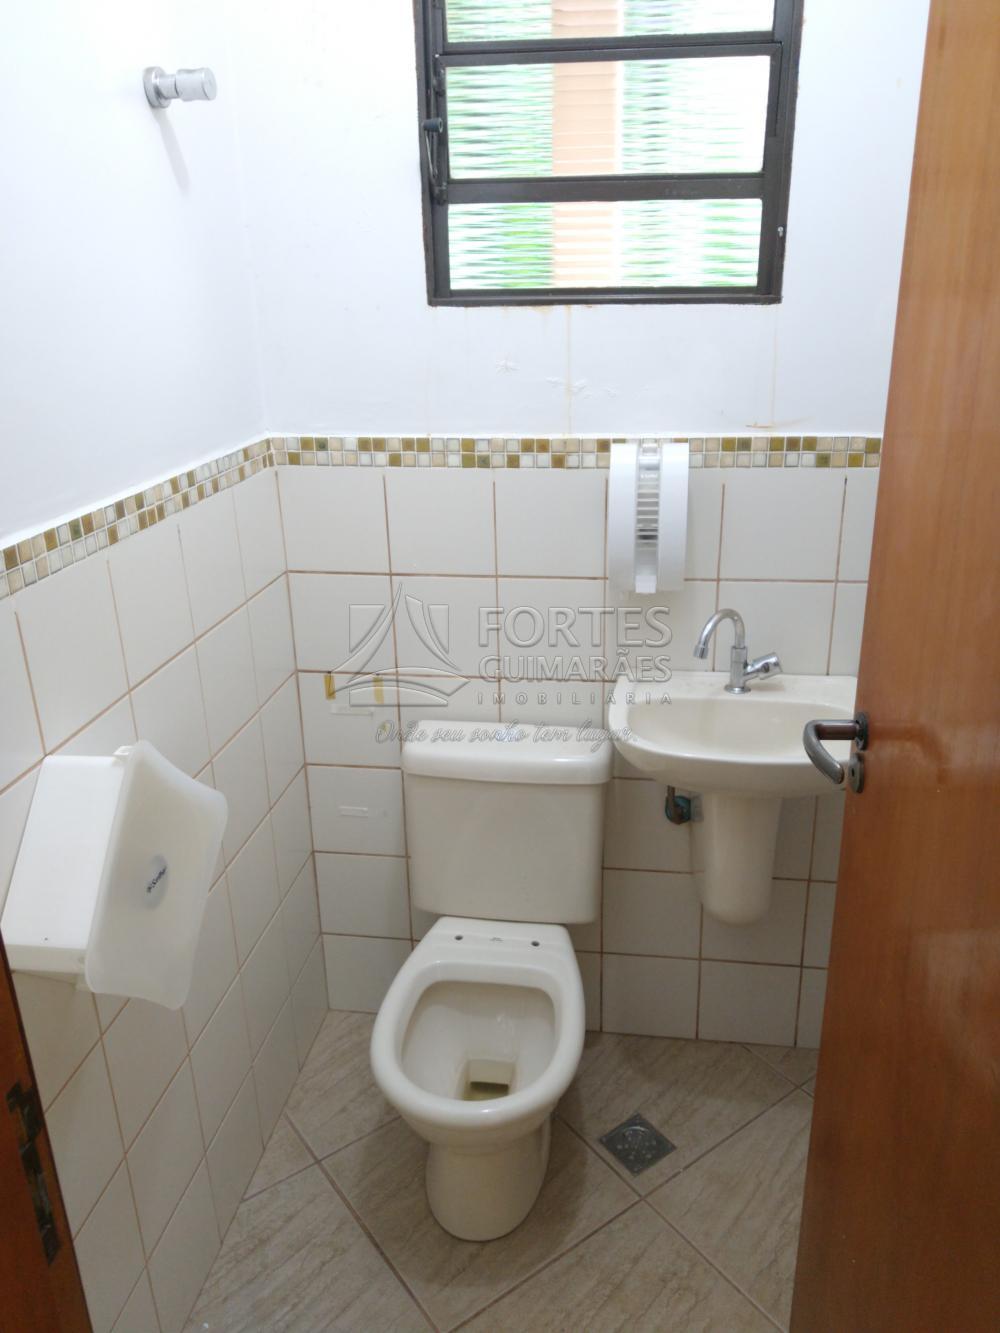 Alugar Comercial / Imóvel Comercial em Ribeirão Preto apenas R$ 12.000,00 - Foto 113